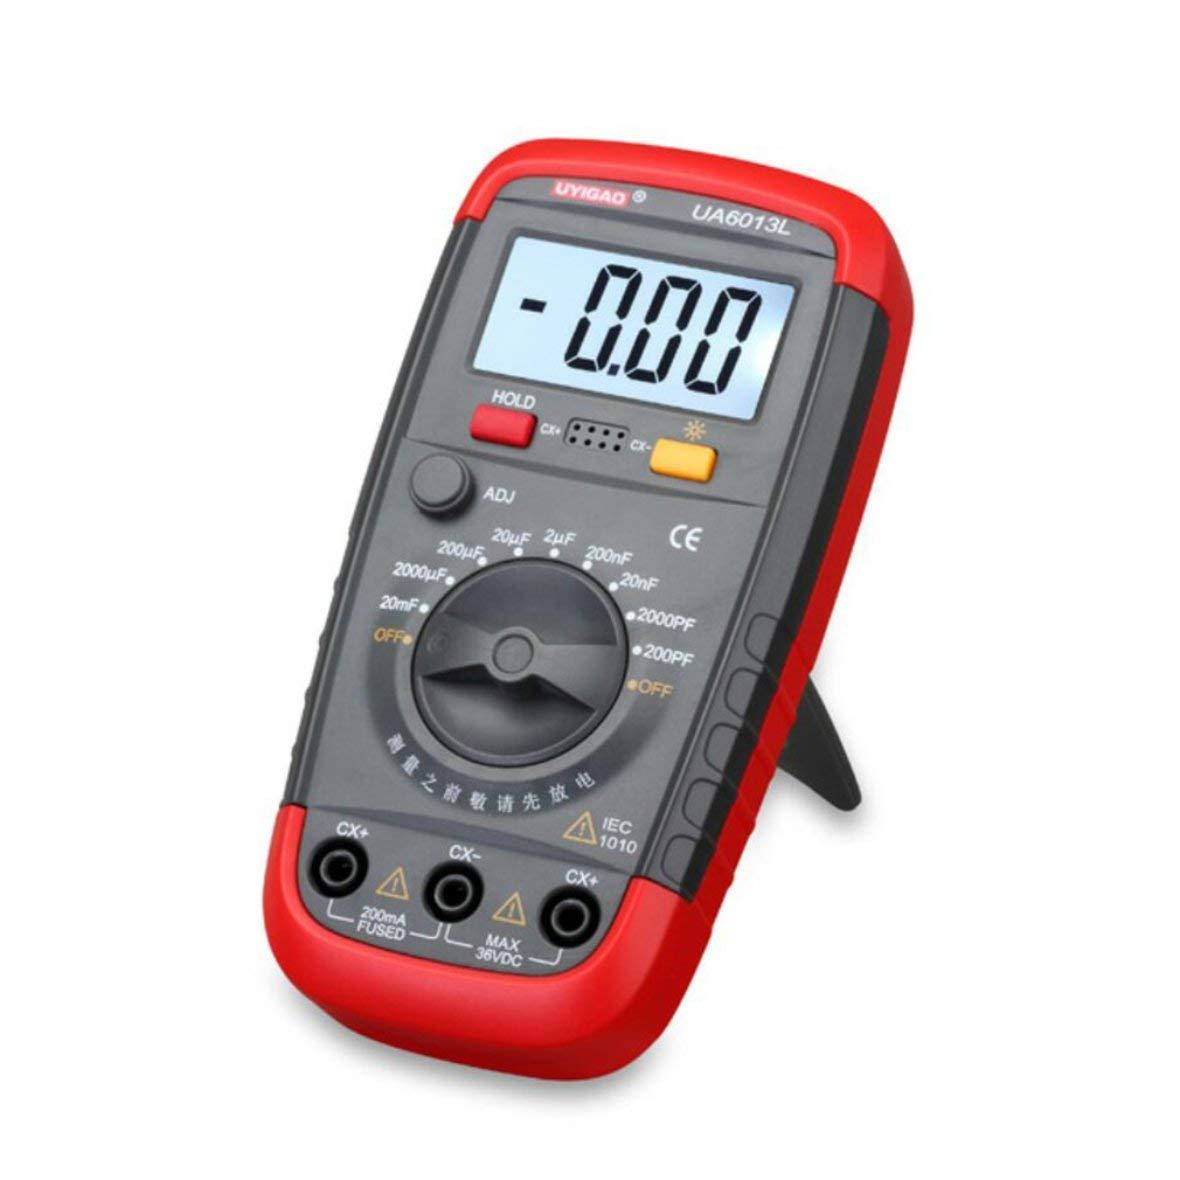 Heaviesk Capacitancia Tester UA6013L Auto Range Digital LCD Medidor de capacitores Mult/ímetro Medidor de probadores Medidor